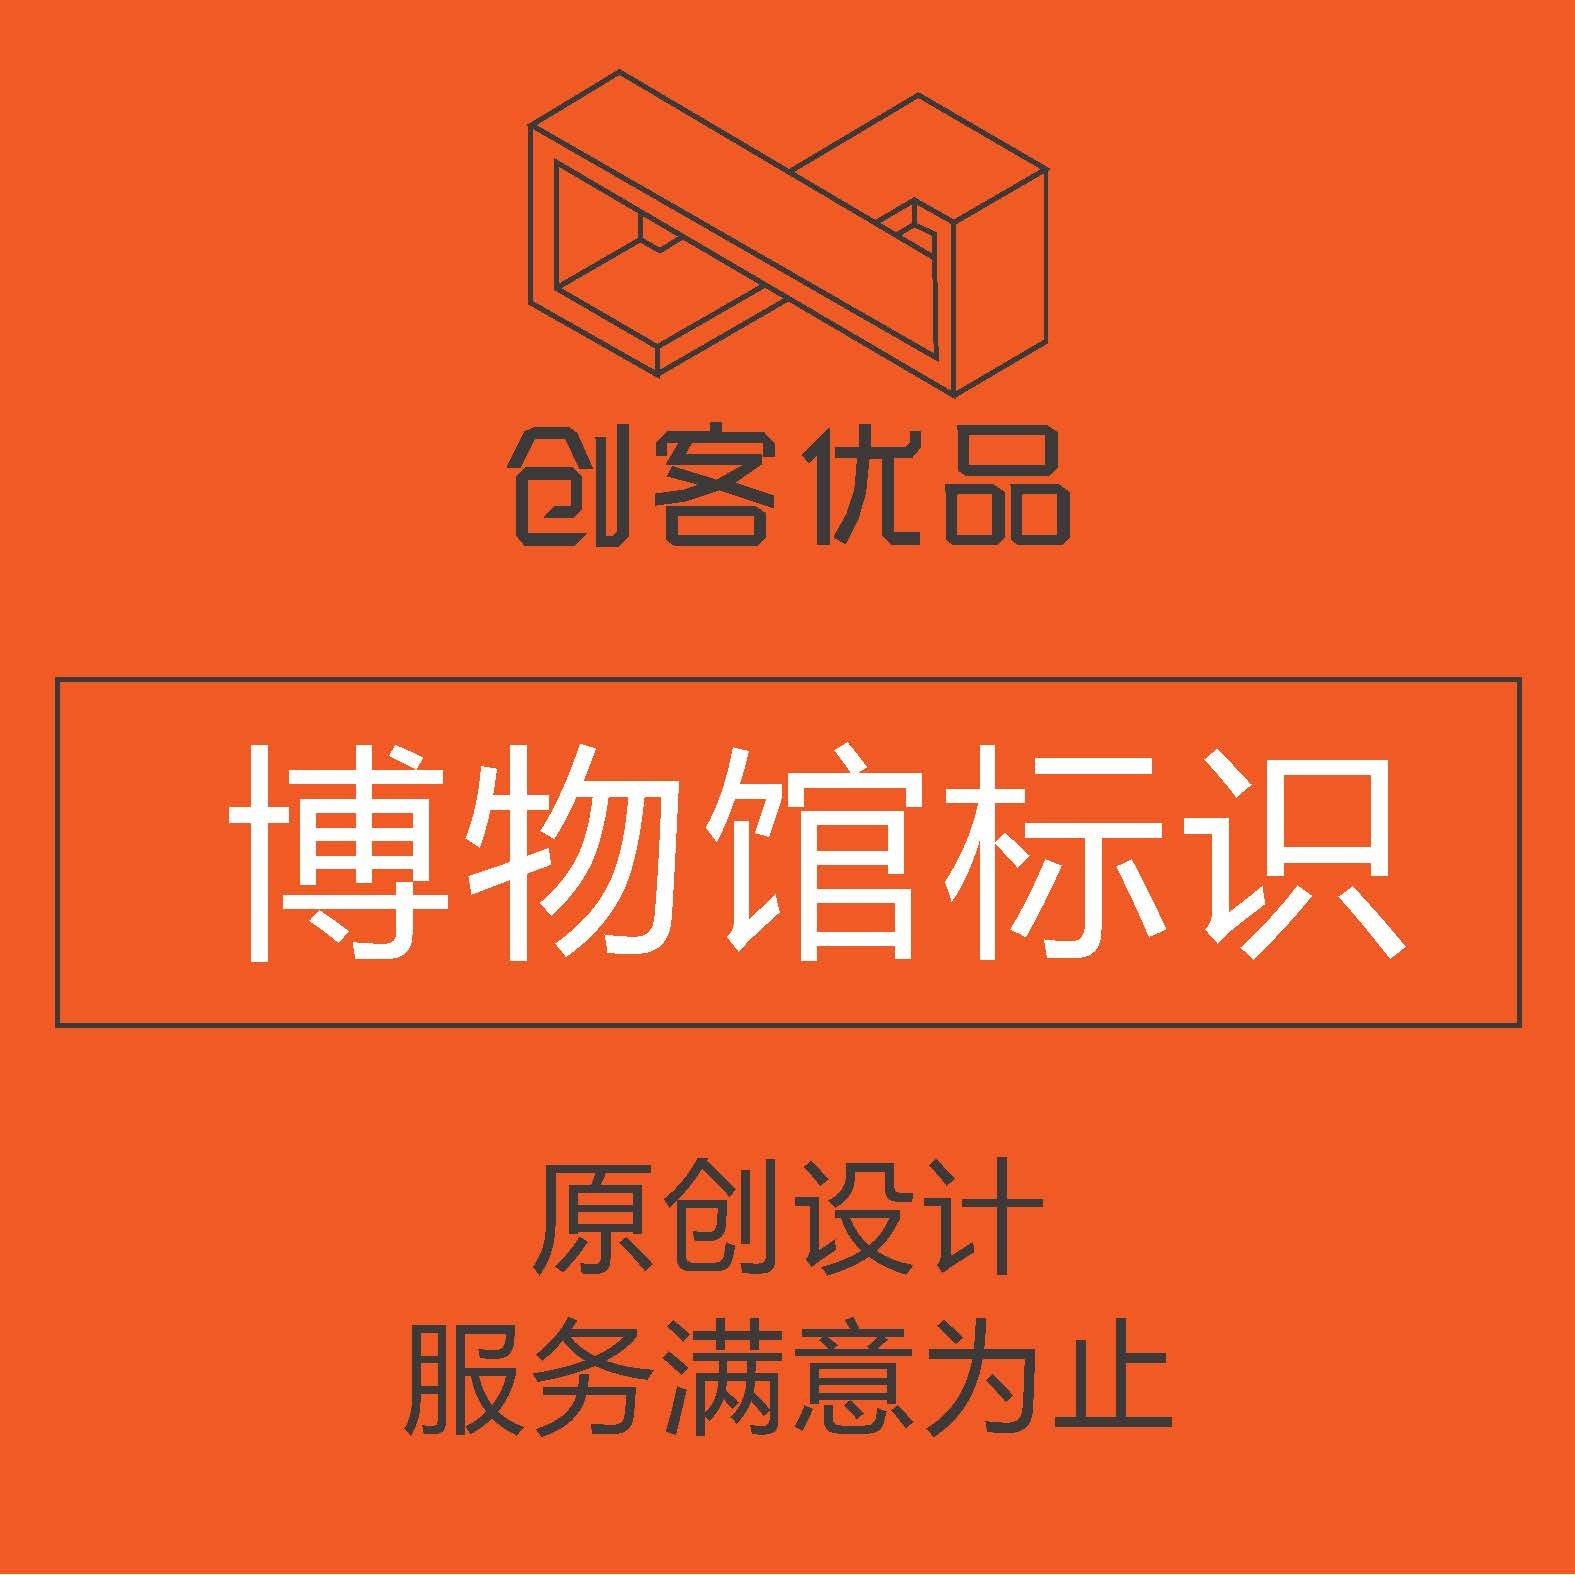 博物馆标识设计制作,展示设计 博物馆设计/标识文化墙设计